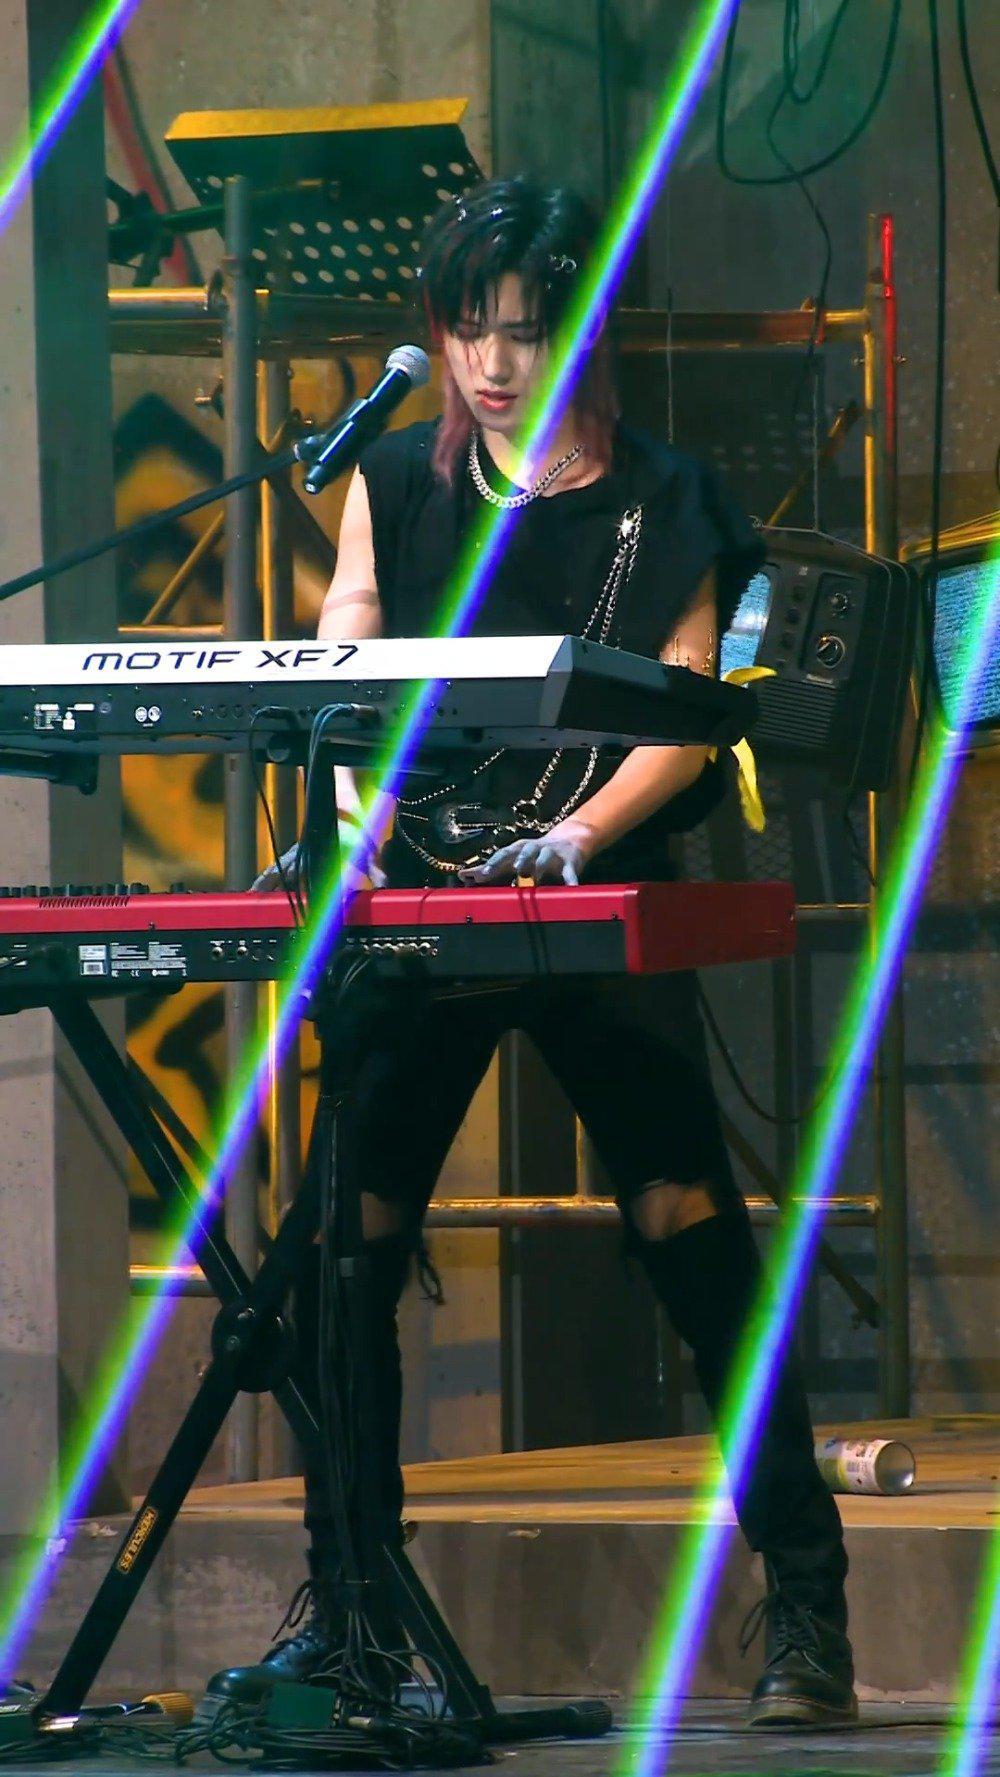 键盘手宋亚轩,琴键声声冲破框架束缚……